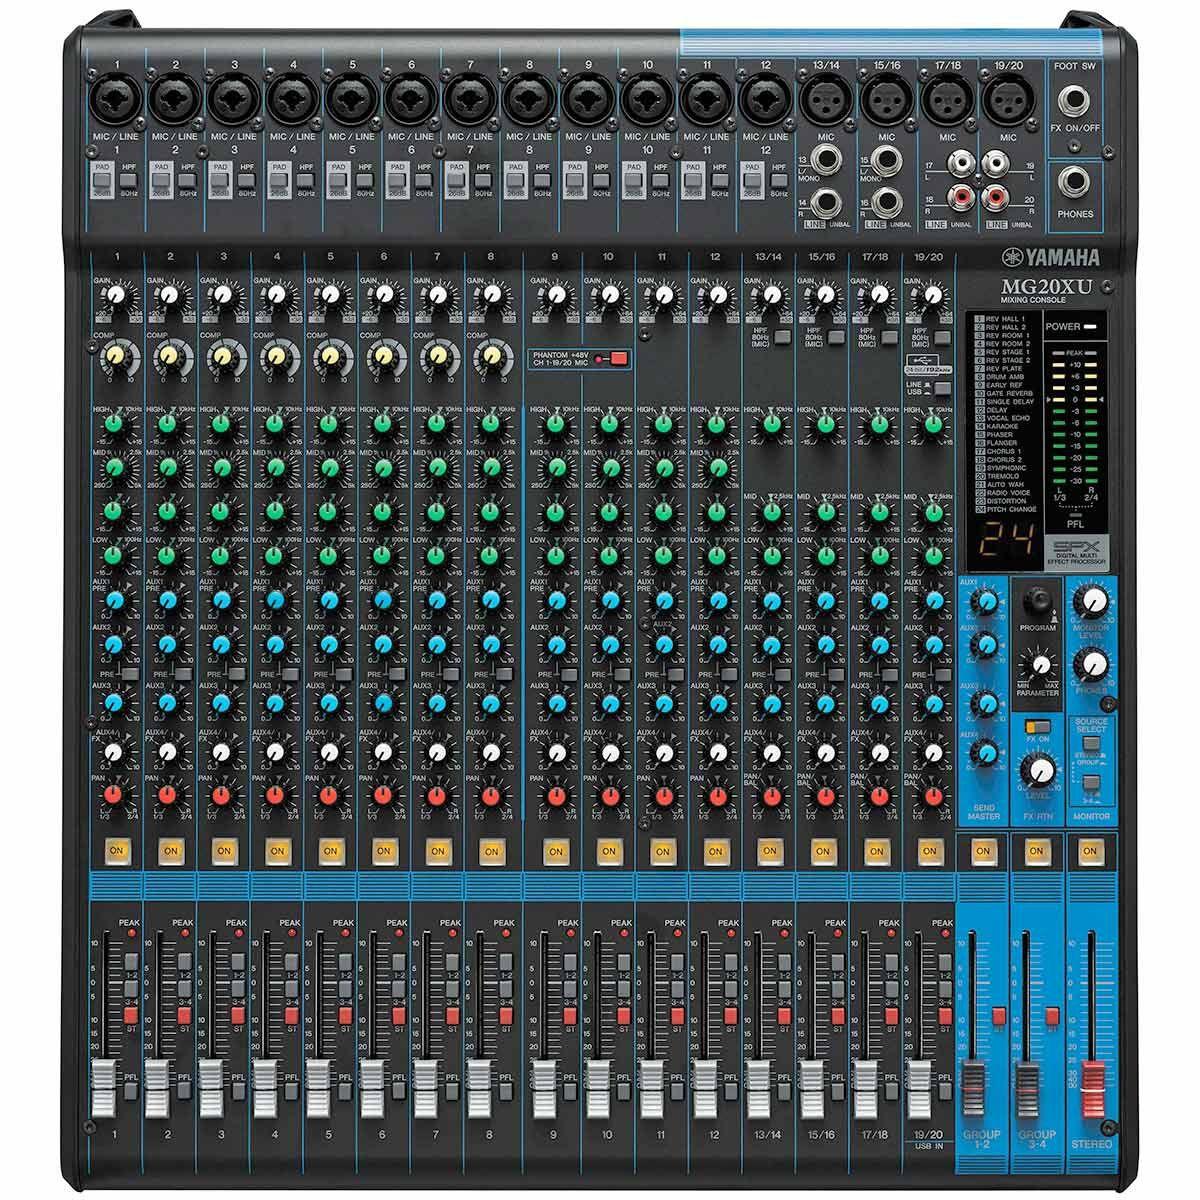 Mesa de Som 20 Canais (16 XLR Balanceados + 2 P10 Desbalanceados + 2 RCA) c/ Efeito / Phantom / 4 Auxiliares - MG 20 X U Yamaha